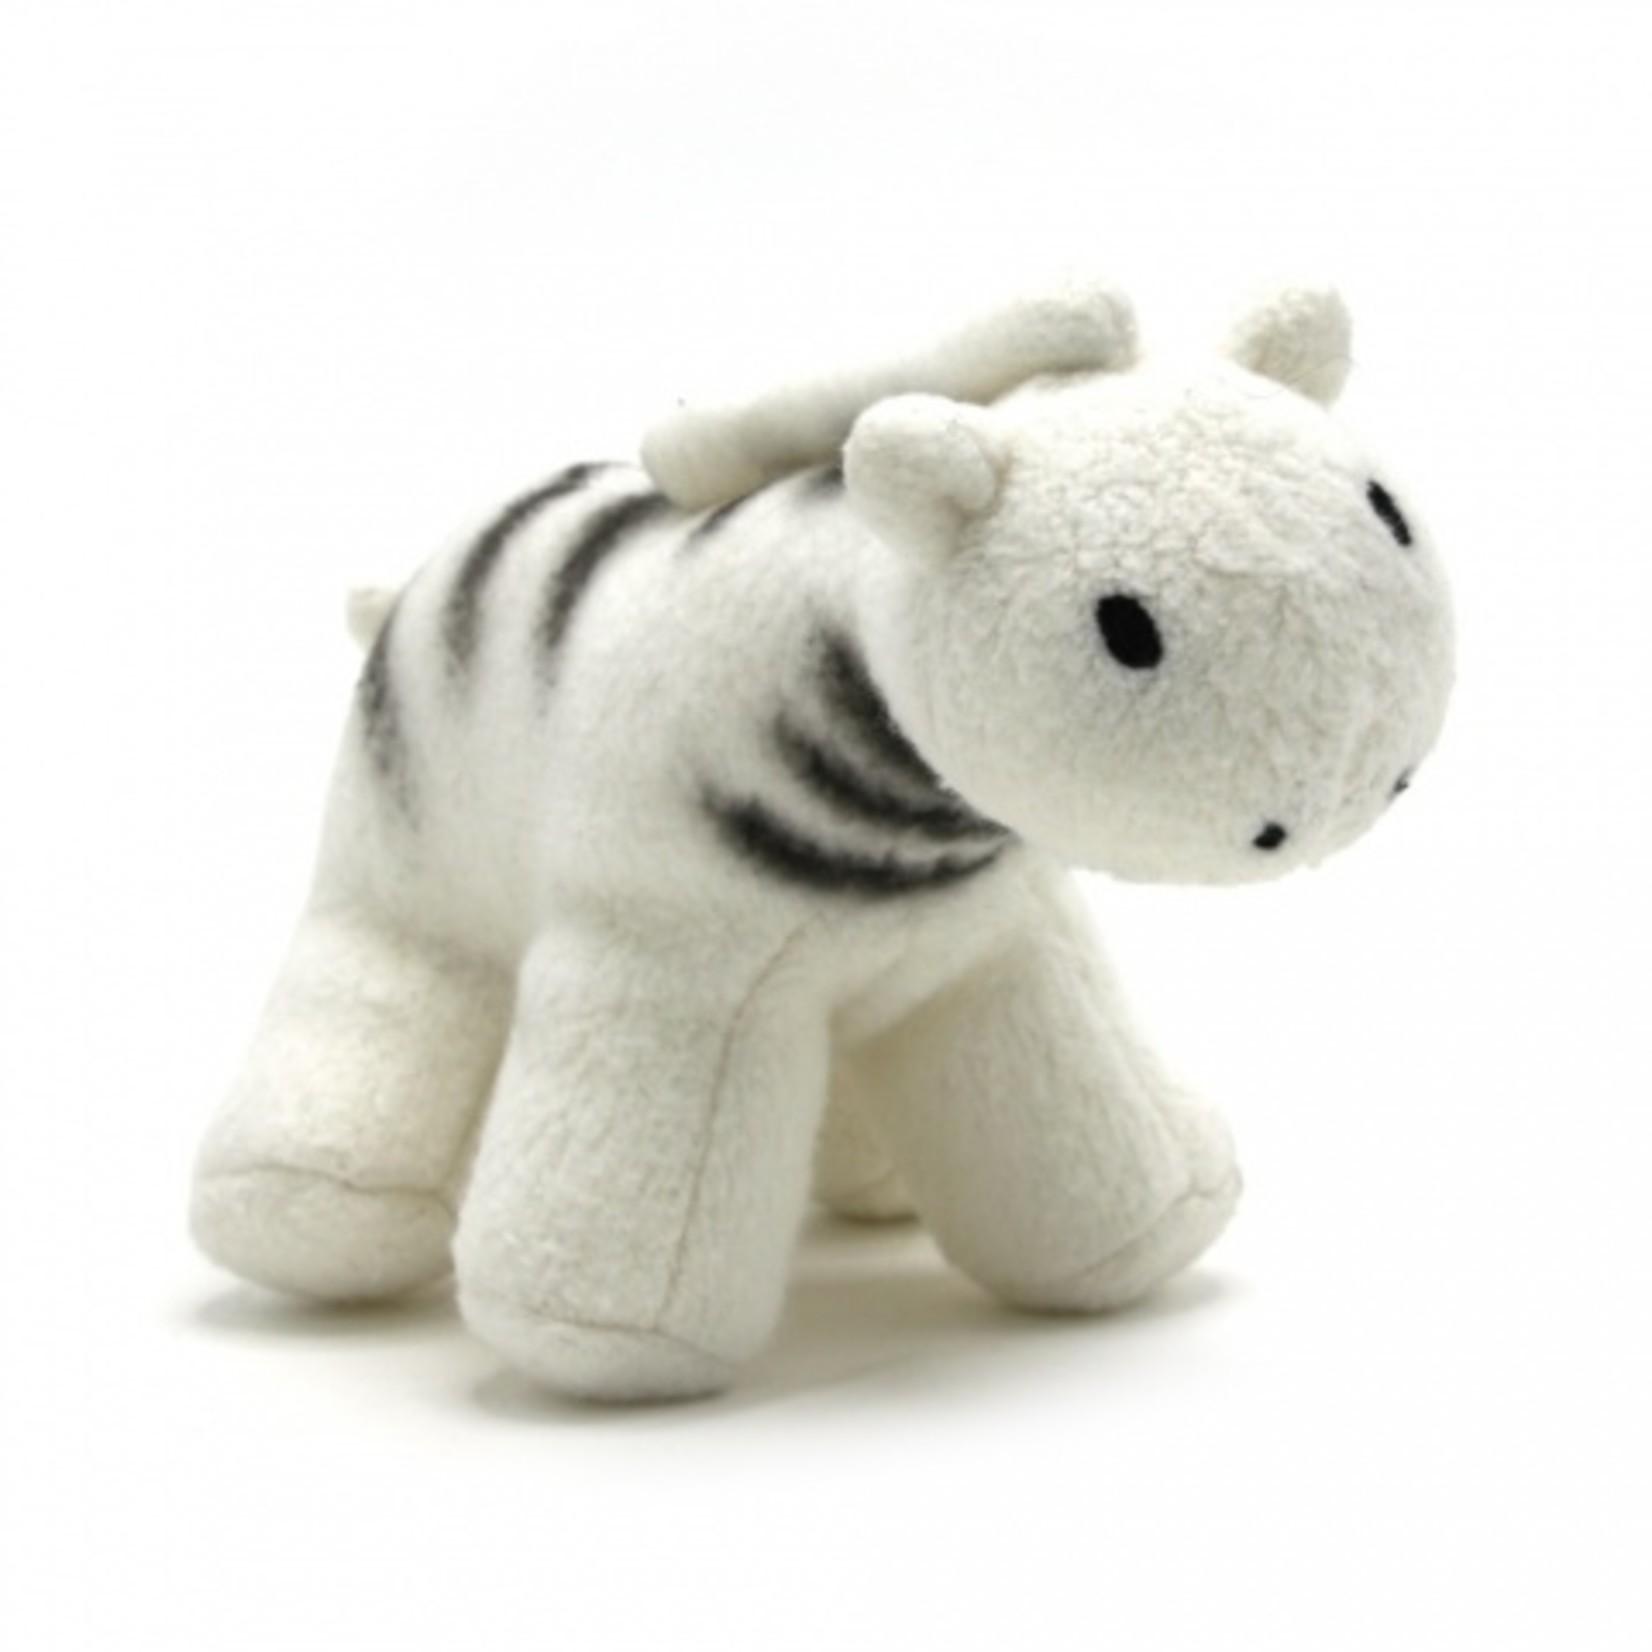 Knuffeltje - Zebra - Vanaf 0mnd